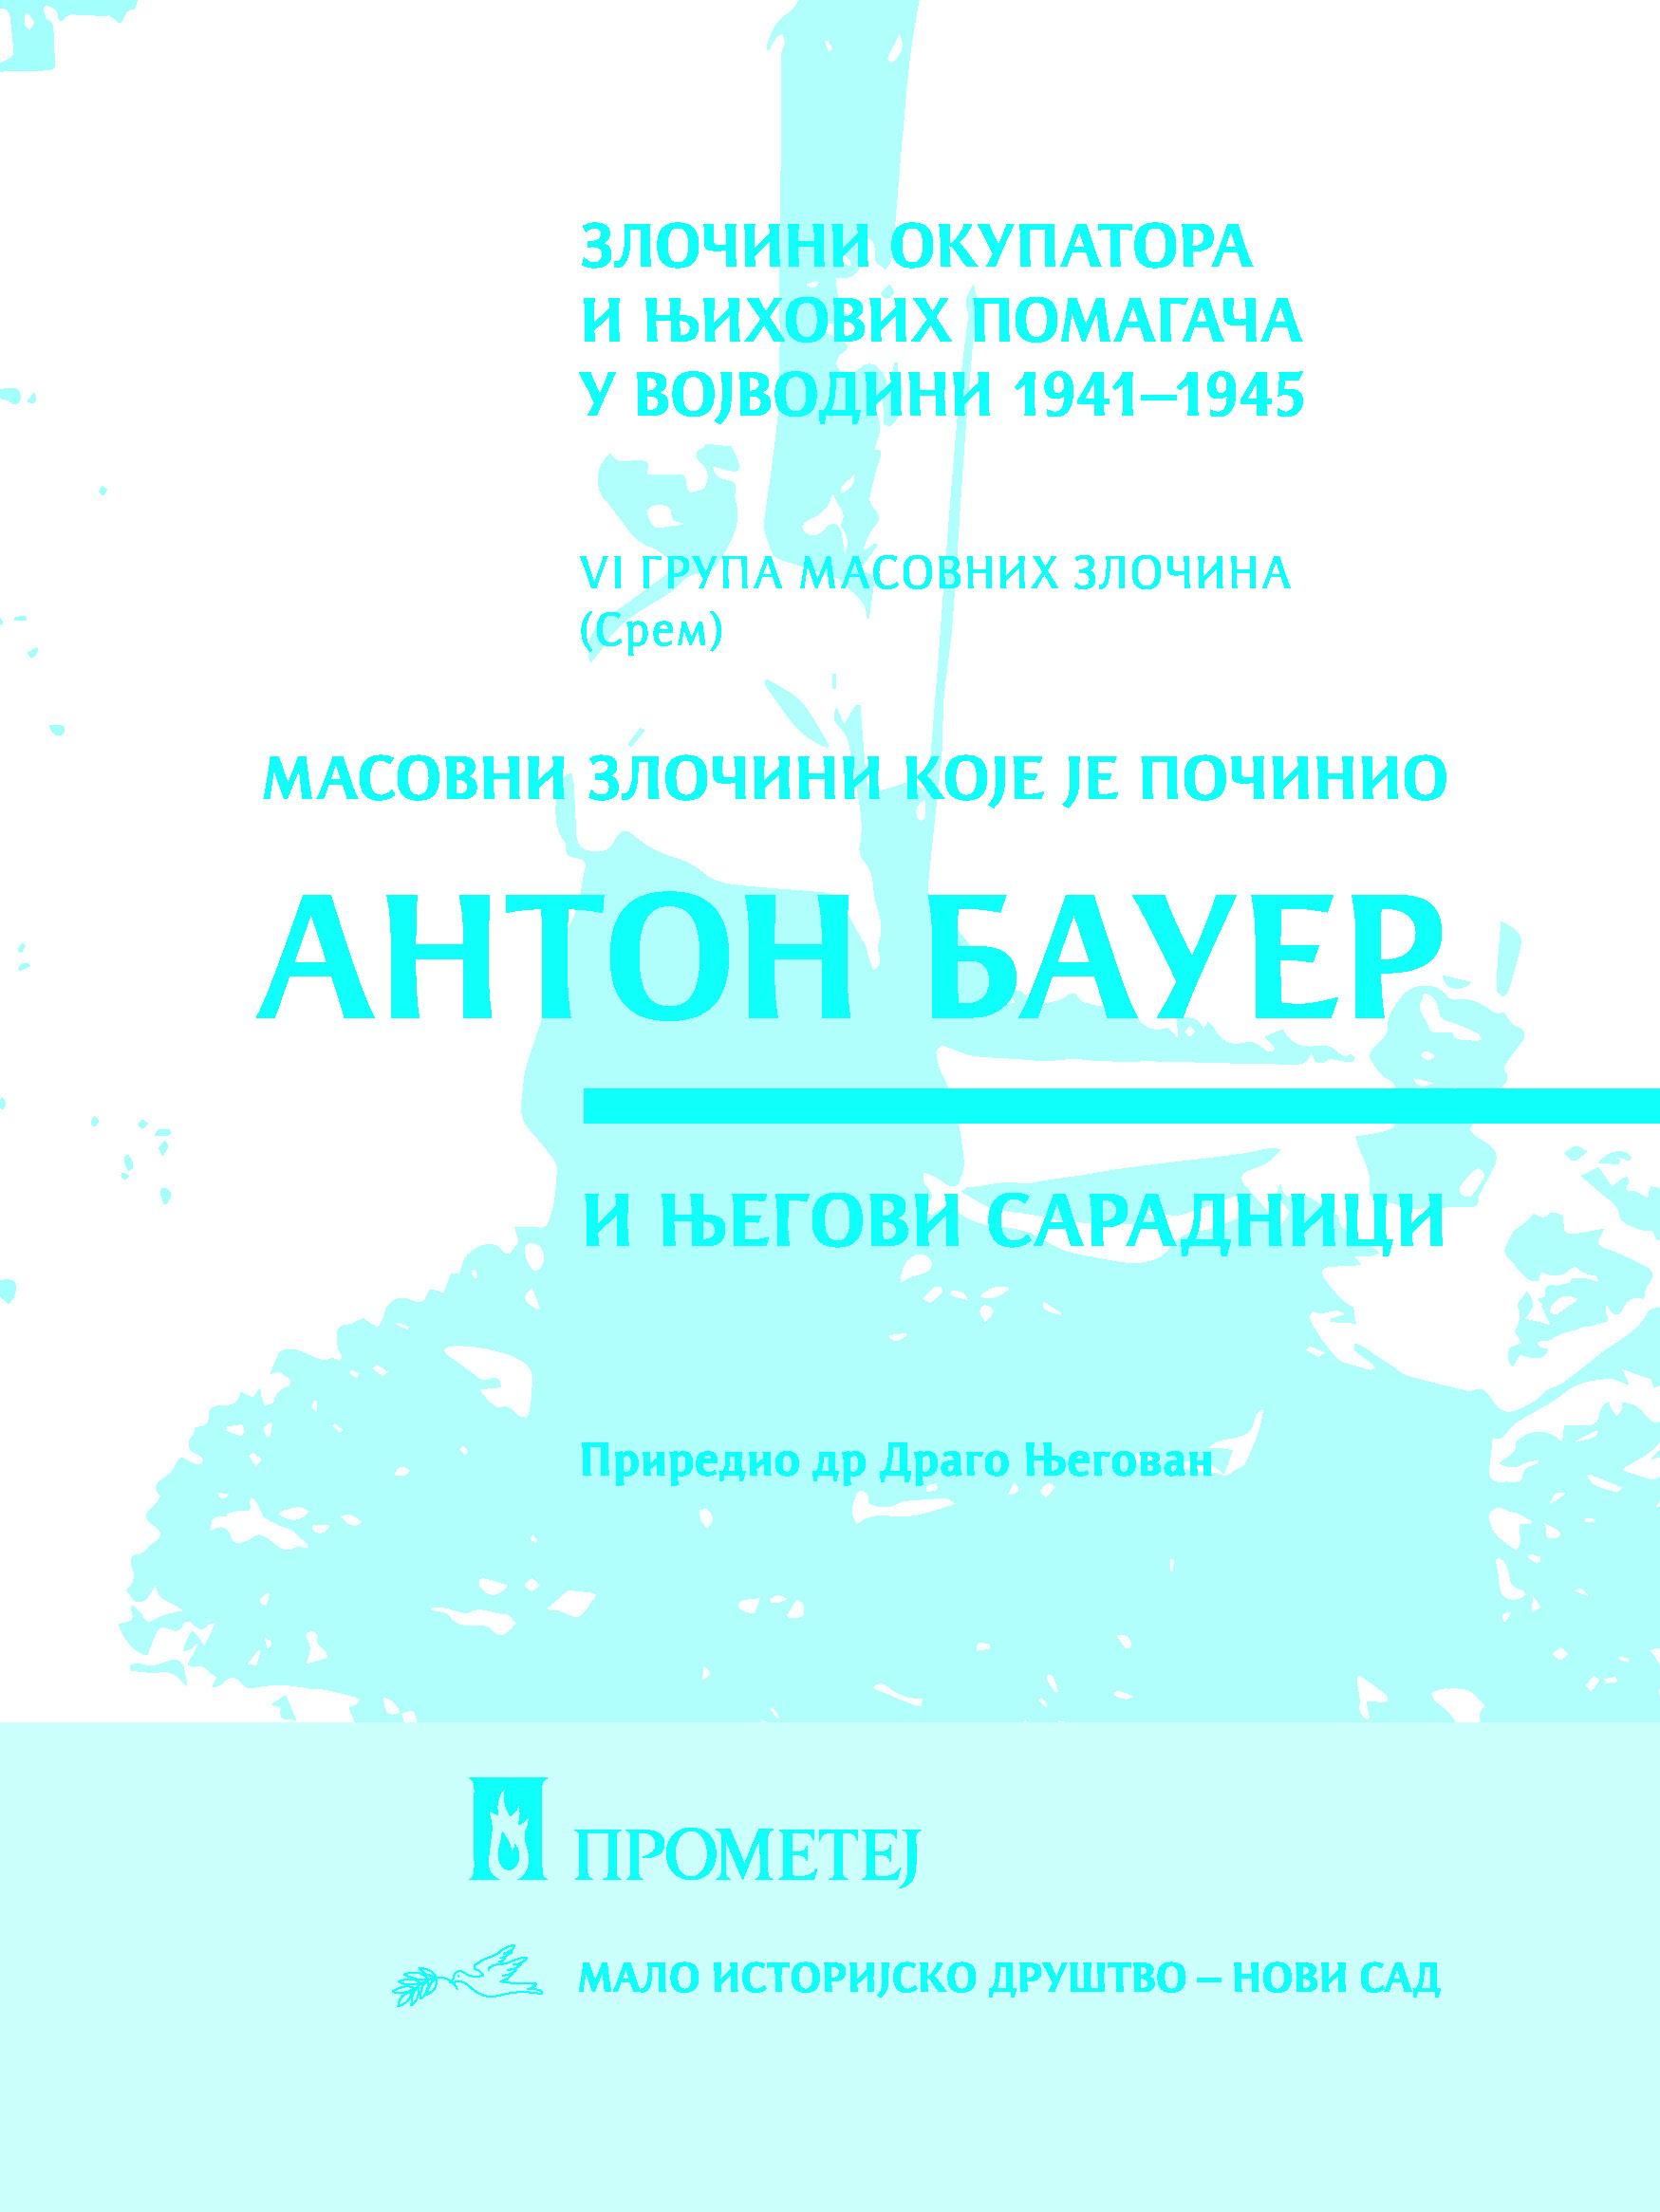 Масовни злочини које је починио Антон Бауер и његови сарадници